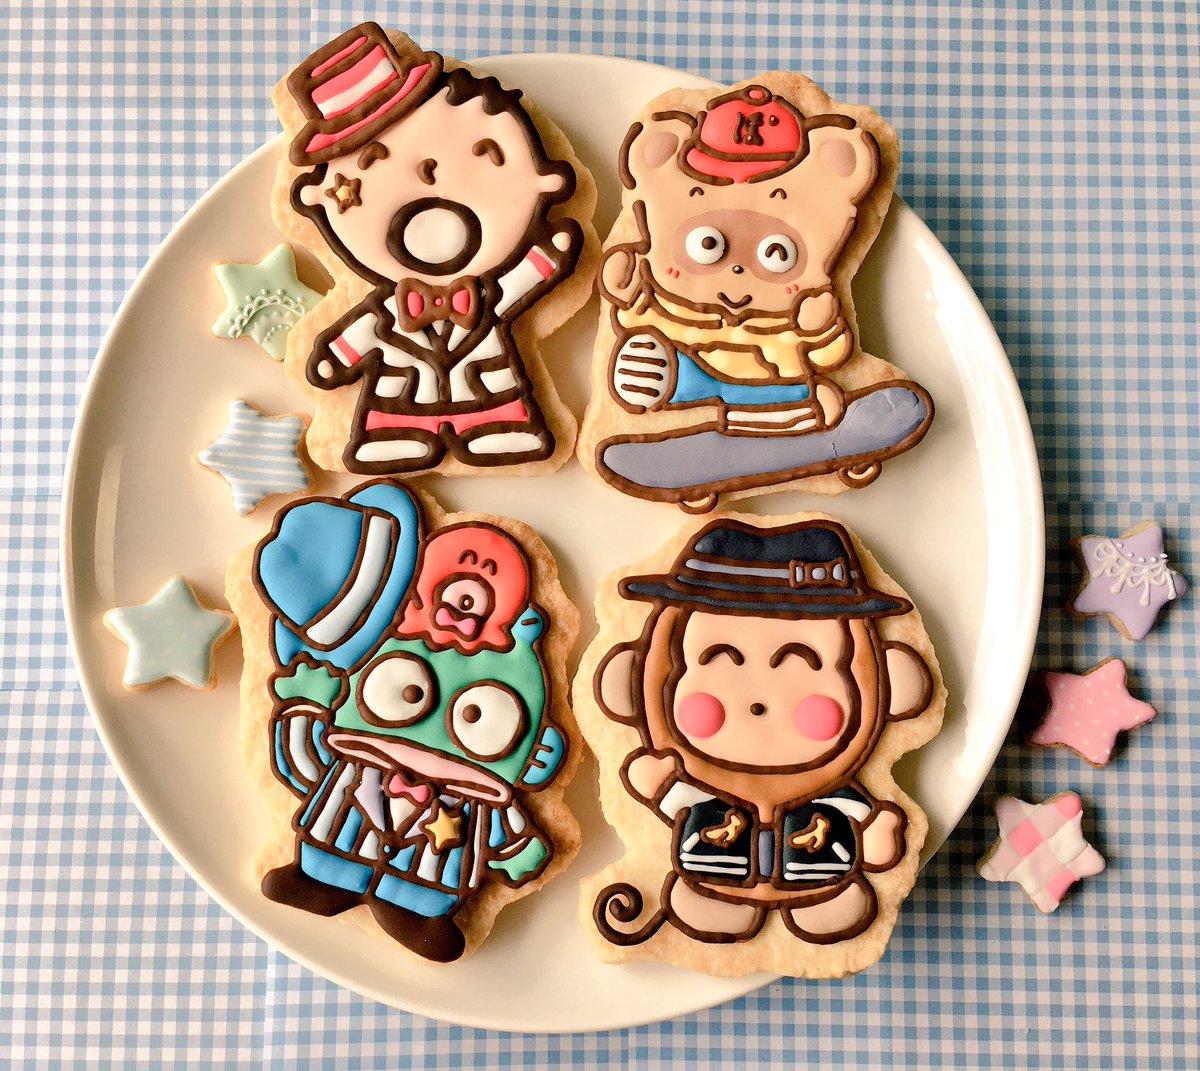 アイシングクッキー新作その⑤です!#キャラクター大賞#サンリオ#たあ坊#ぽんぽこ#ハンギョドン#もんきち#リルリルフェア